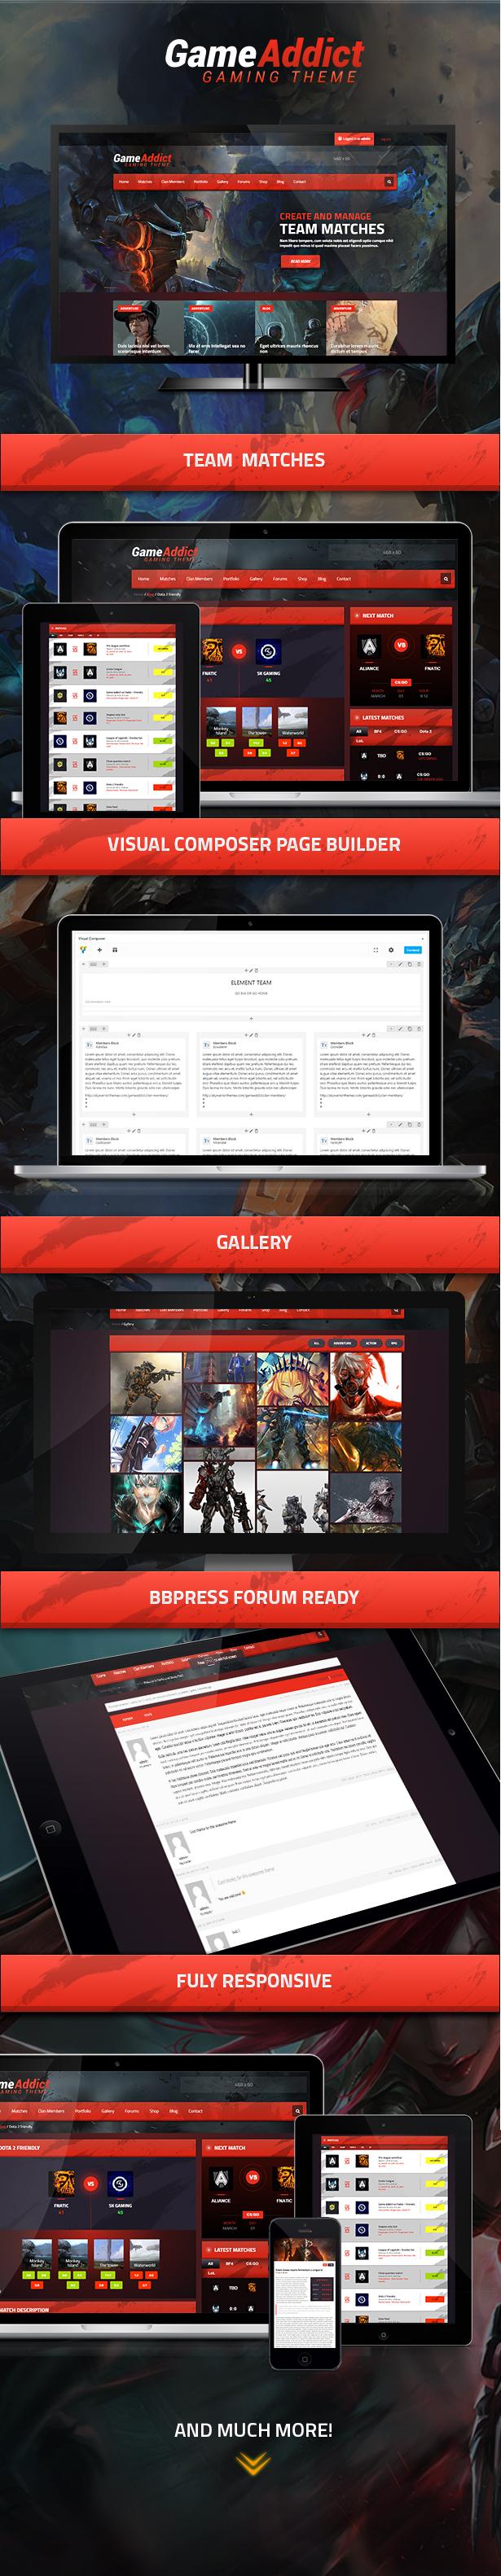 Game Addict - Clan War Gaming Theme Download